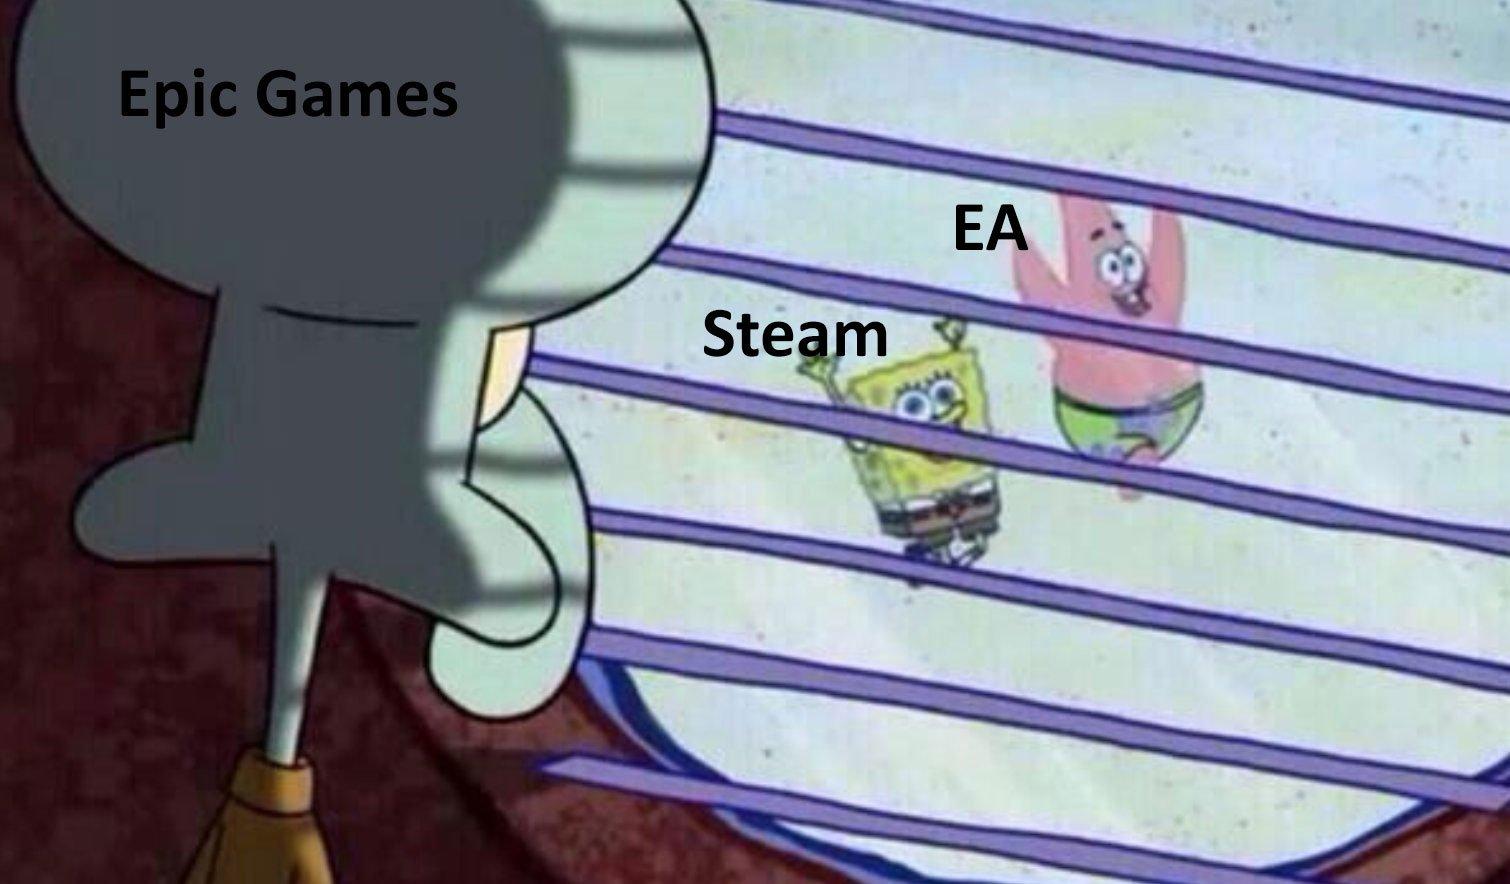 EA Twitter